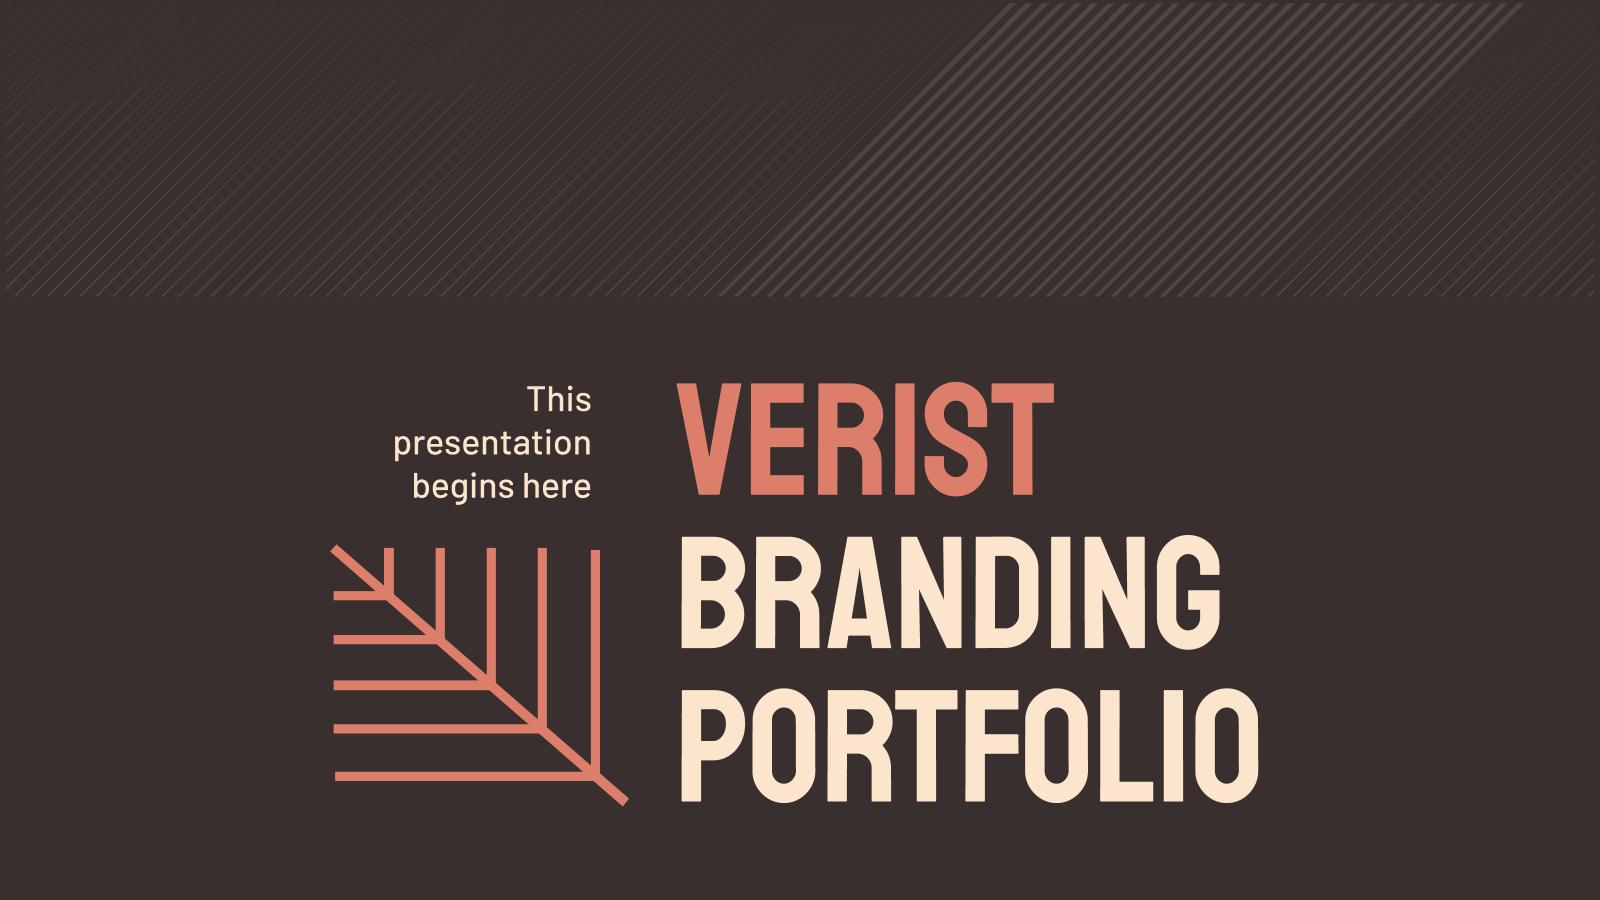 Plantilla de presentación Portafolio de marca Verist